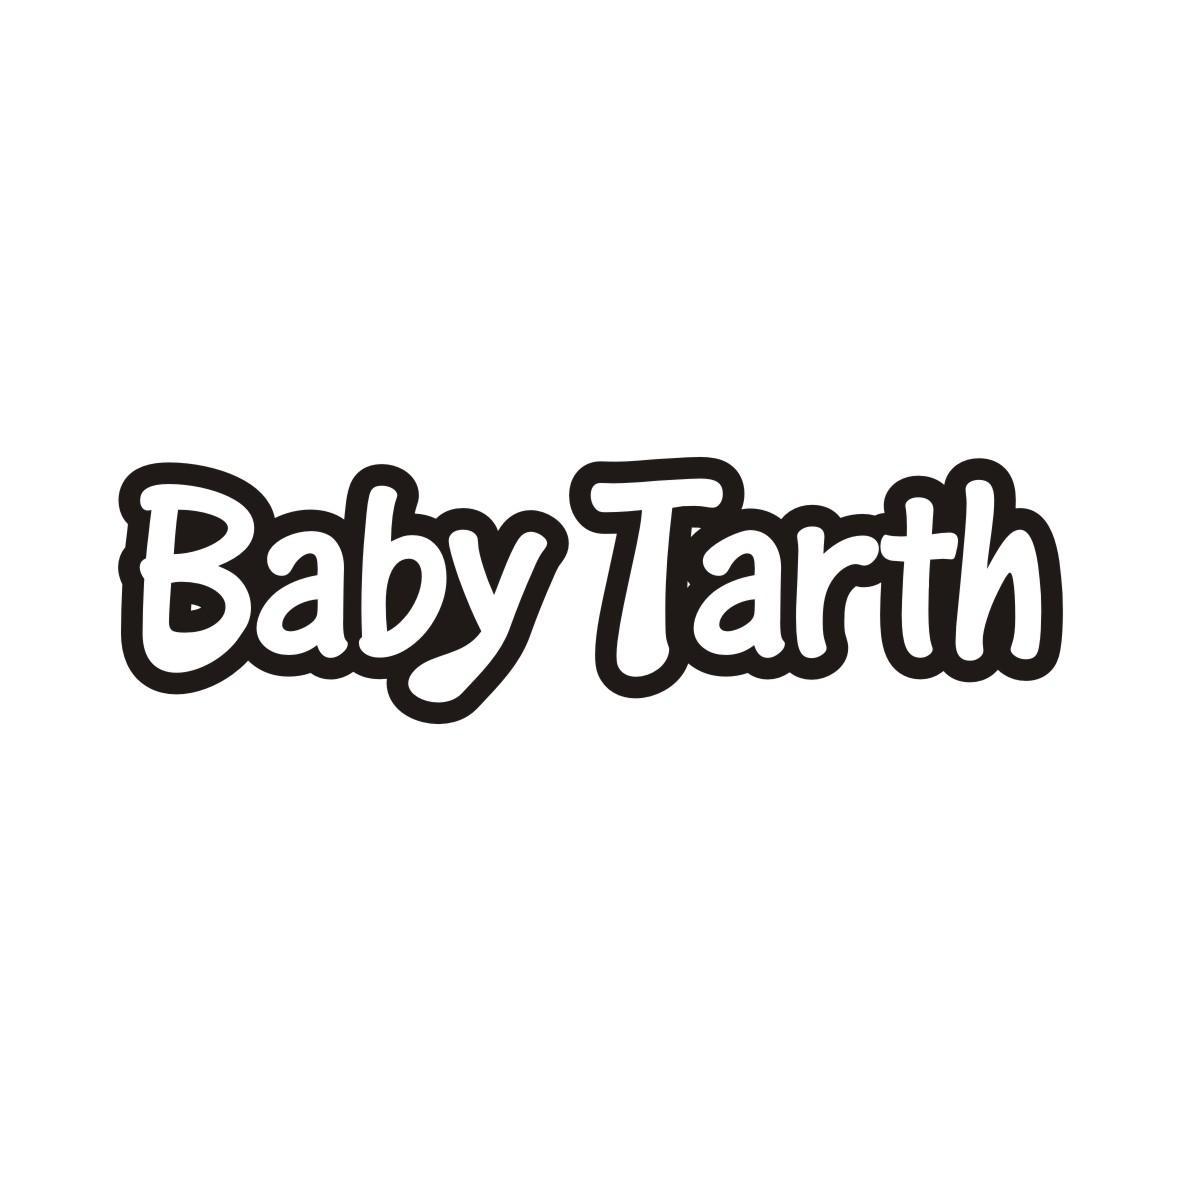 转让商标-BABY TARTH